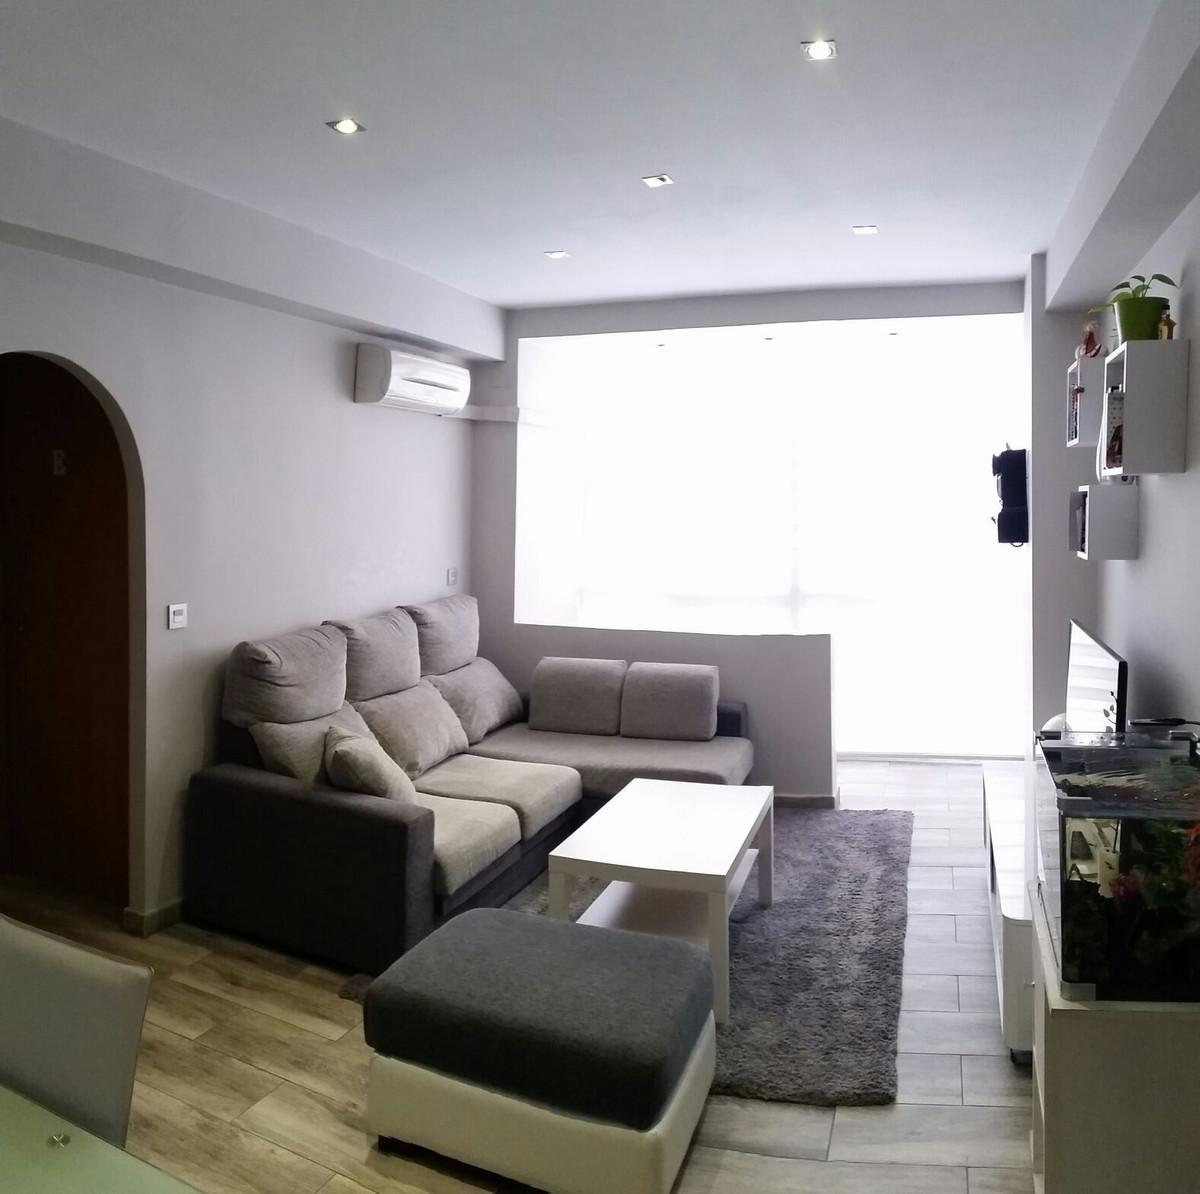 Zona Huelin . Estupendo piso muy reformado. consta de tres dormitorios , uno transformado en vestido,Spain